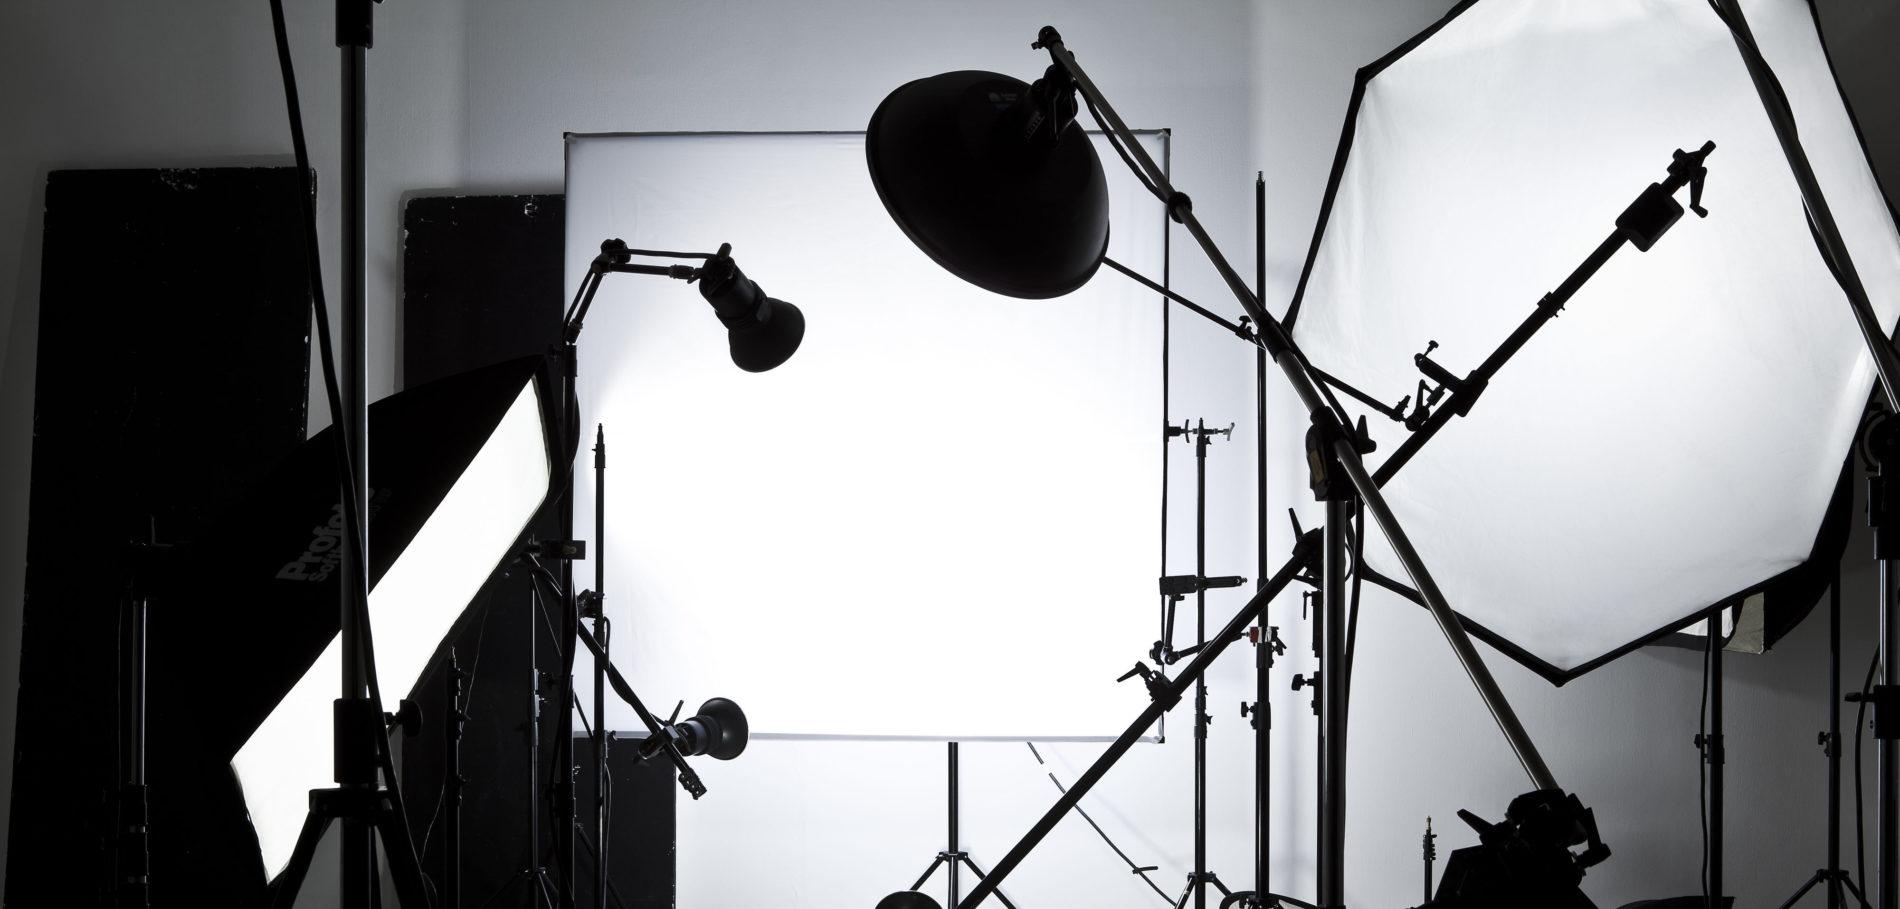 Licht und Equipment zur Miete im Studio Totale in Wien